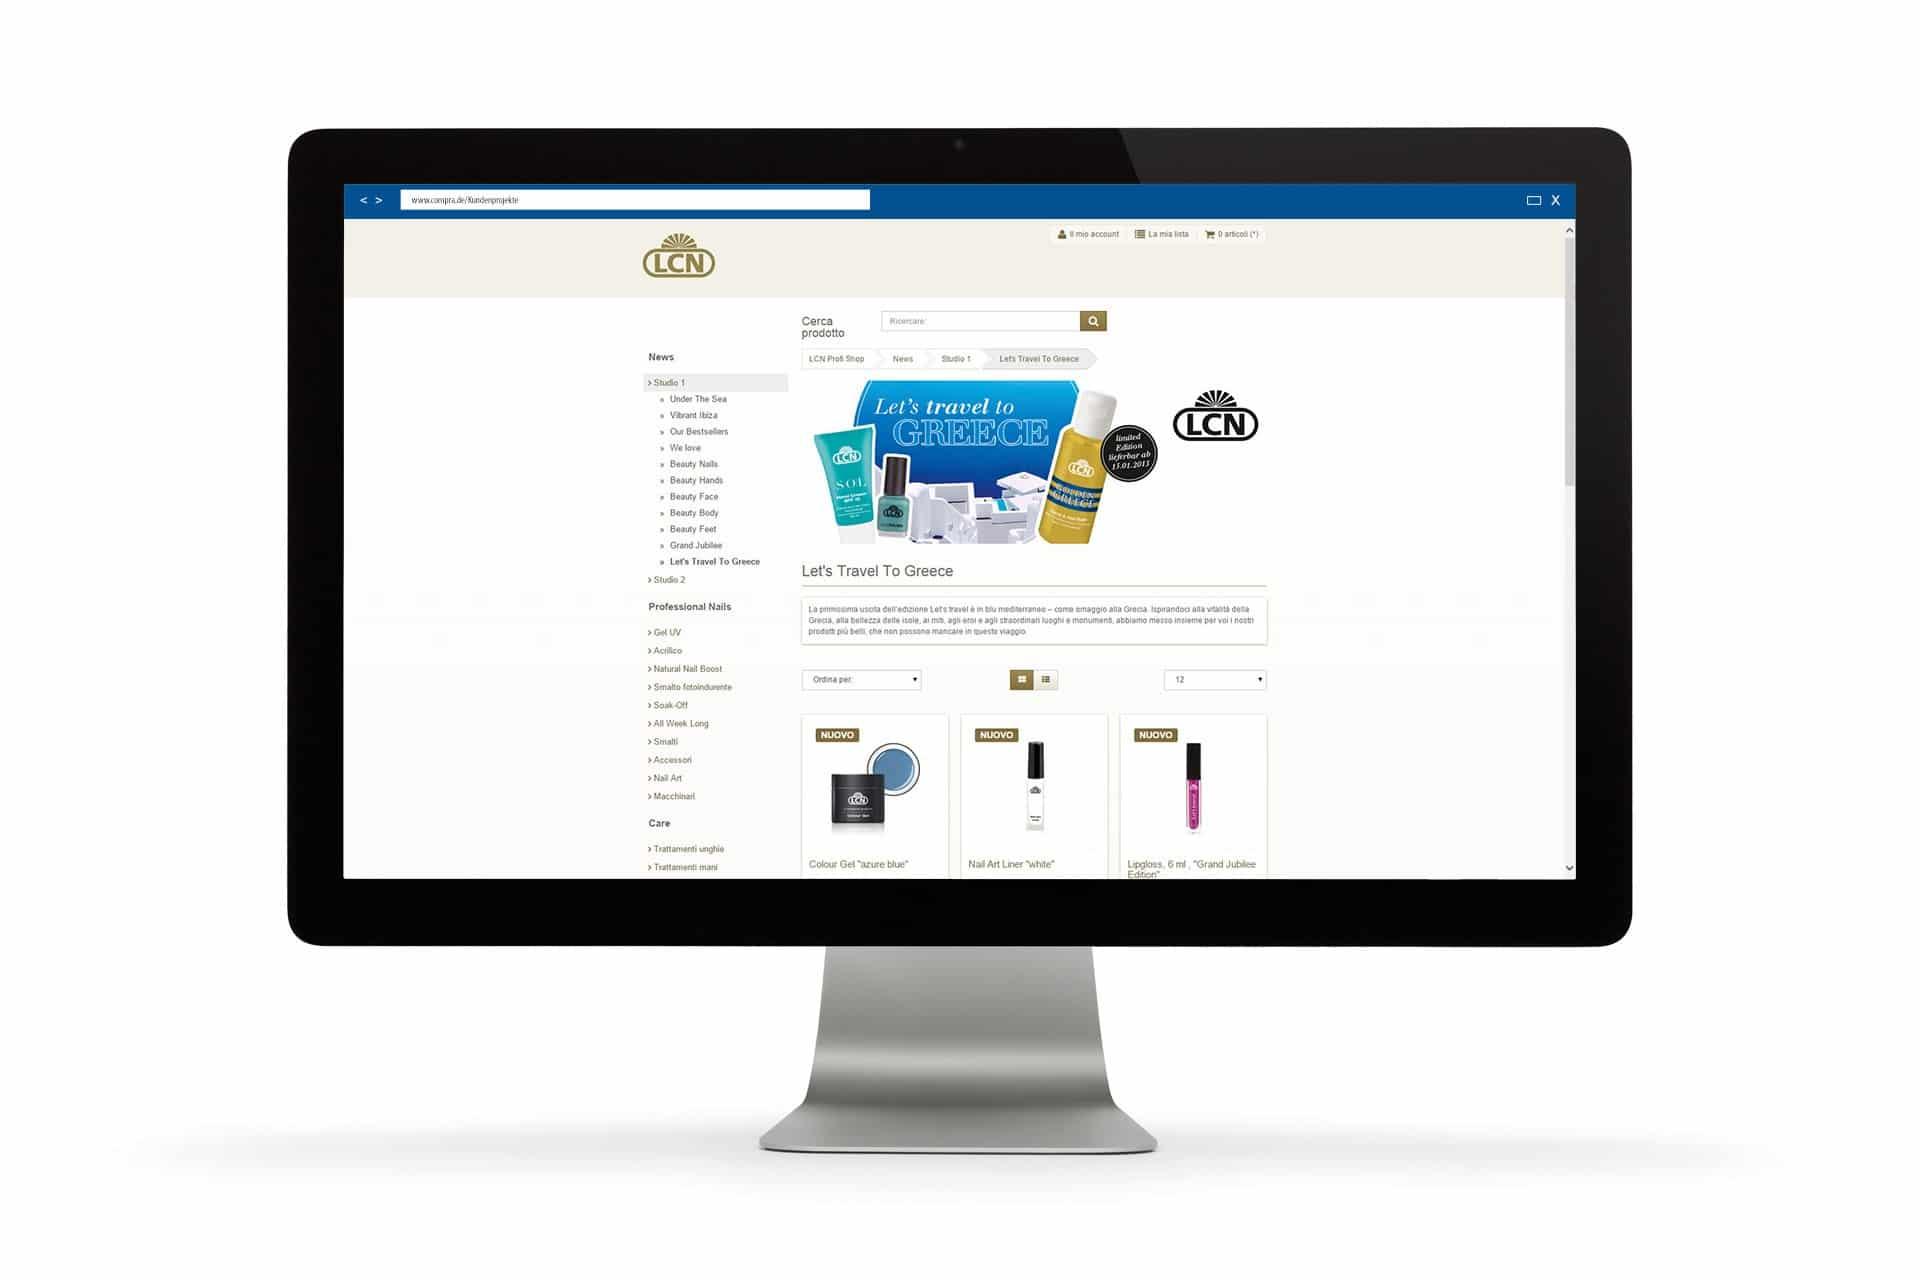 Über der Produktliste können auch Banner und zusätzliche Werbetexte gepflegt werden.